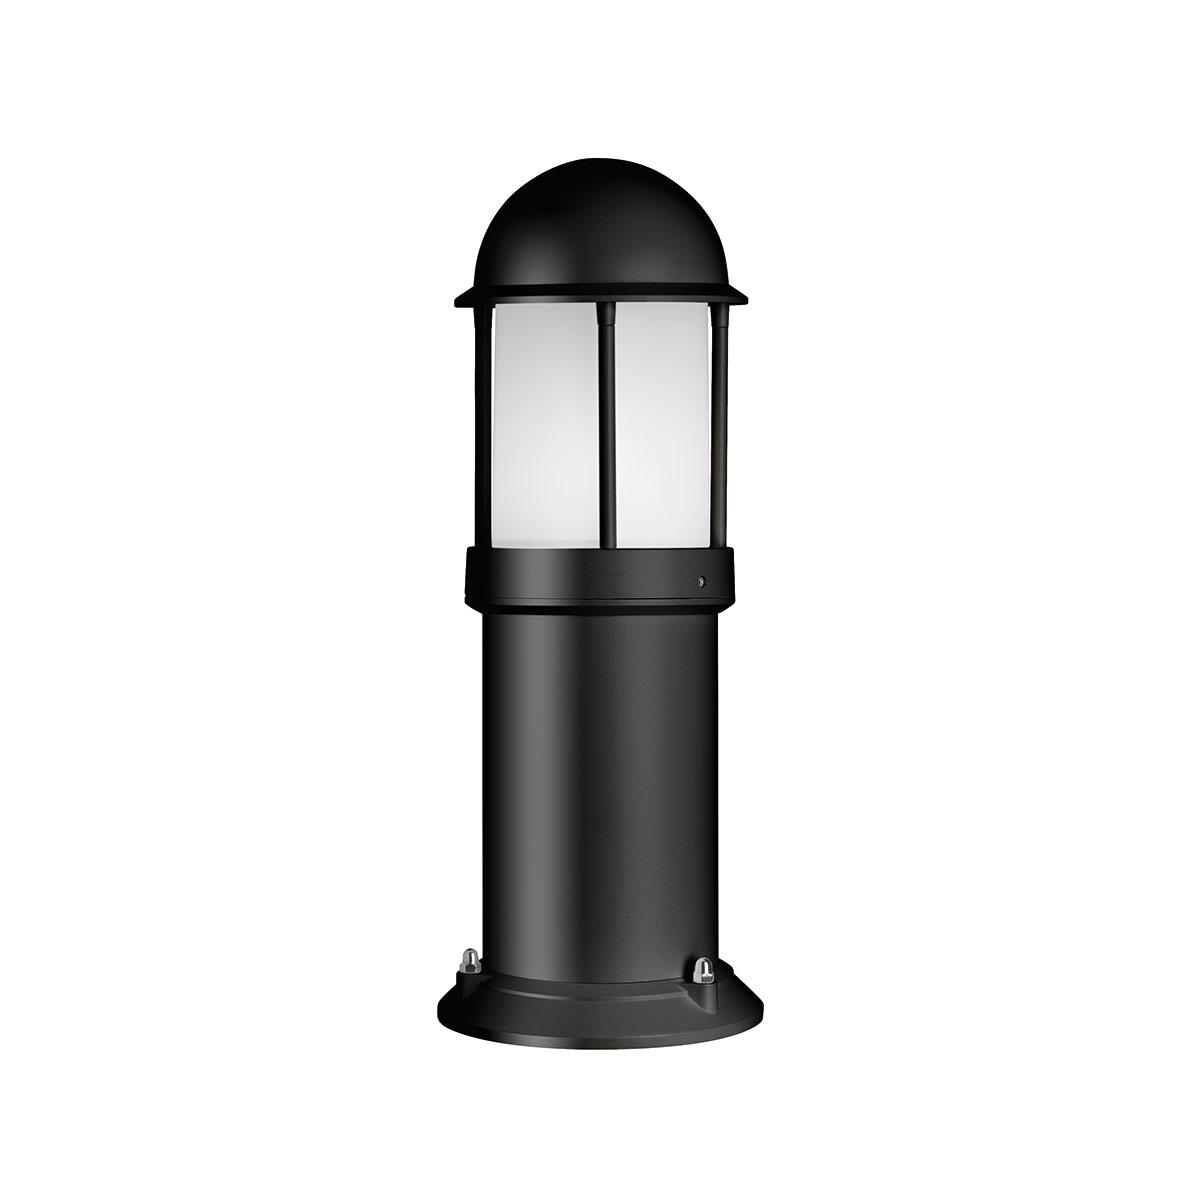 LCD Außenleuchten 1026/1029/1032 Sockelleuchte